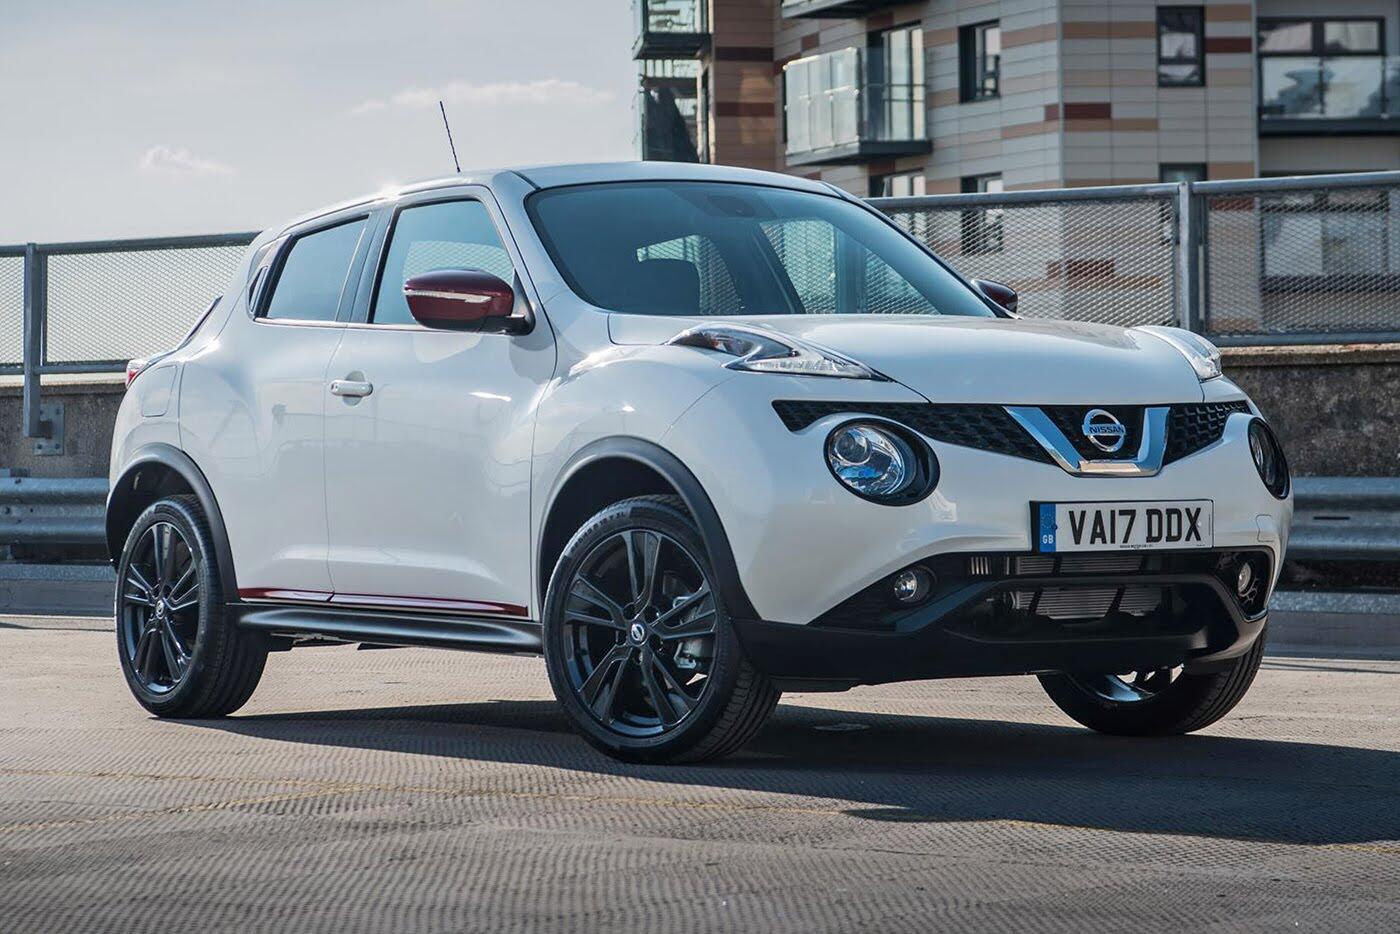 Choáng với camera 360 trên Nissan Juke bản đặc biệt - Hình 2